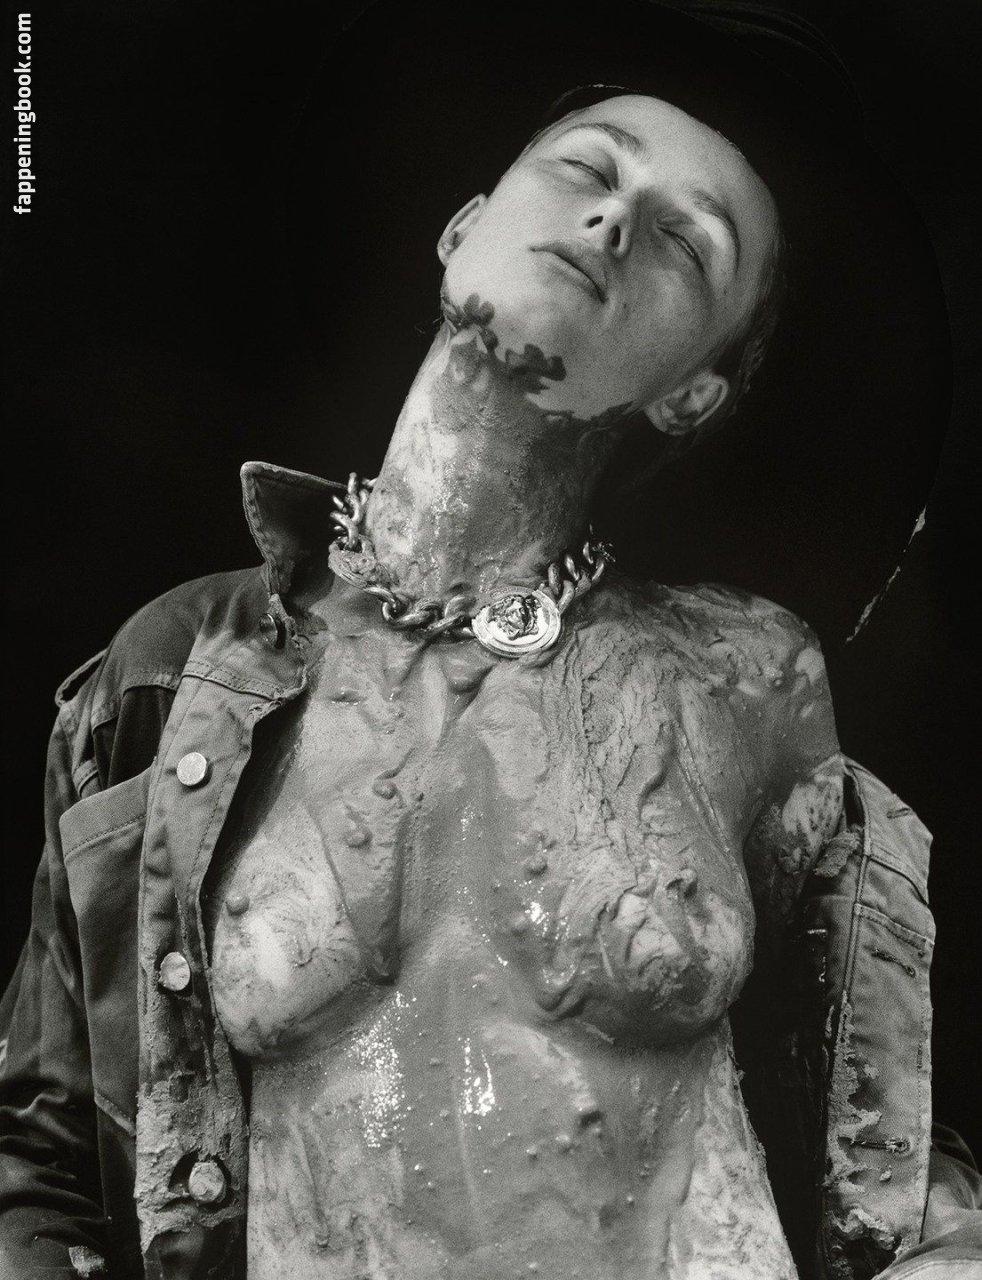 Rianne van Rompaey Nude